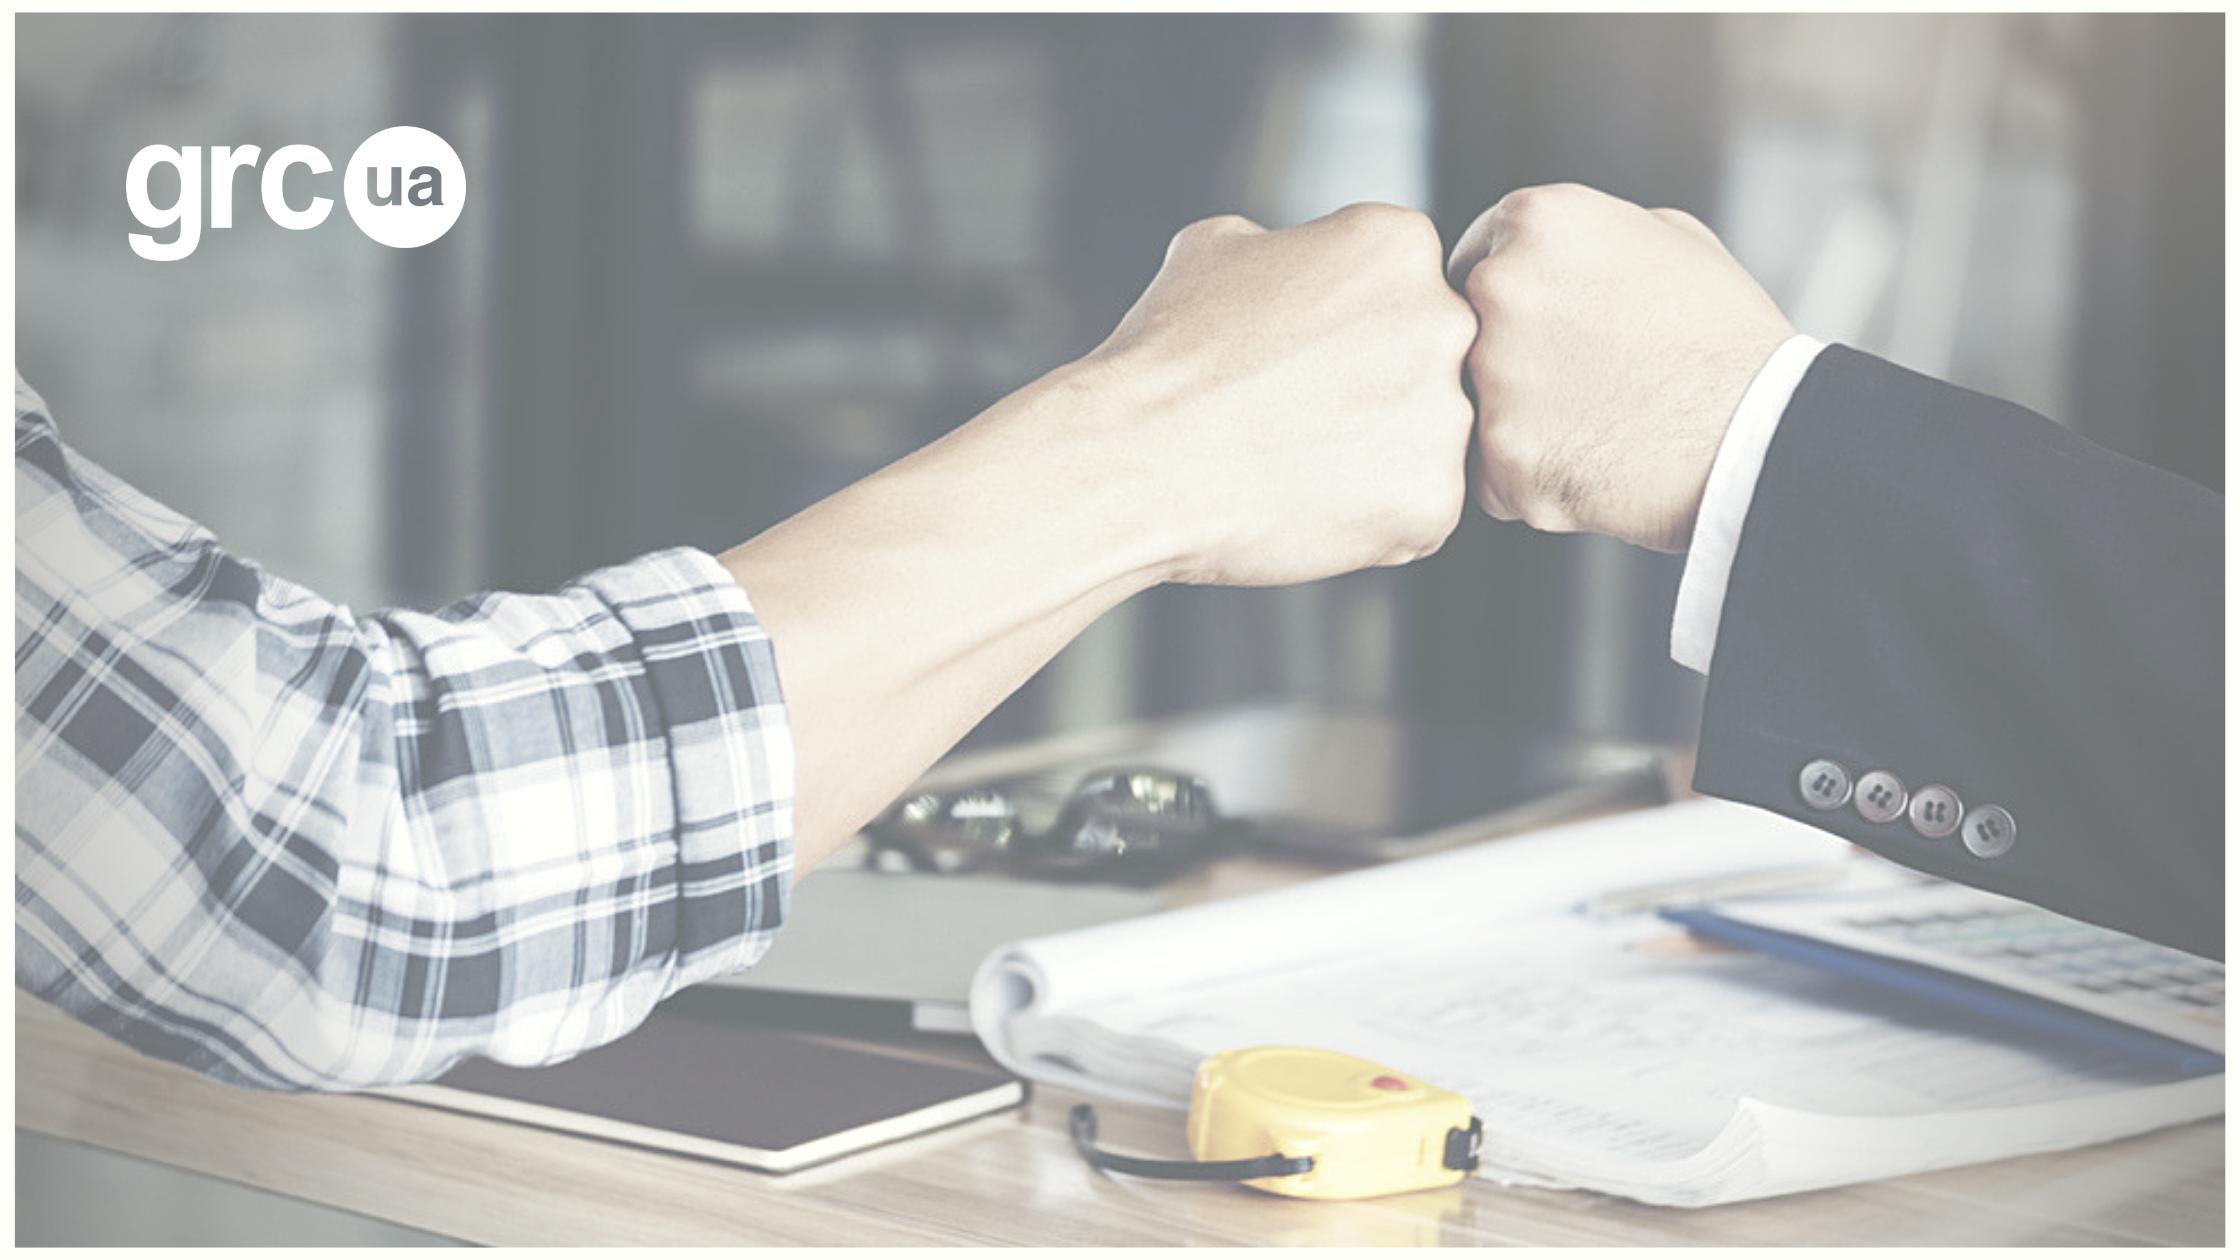 Реклама більше не працює, або три питання для ефективного партнерства